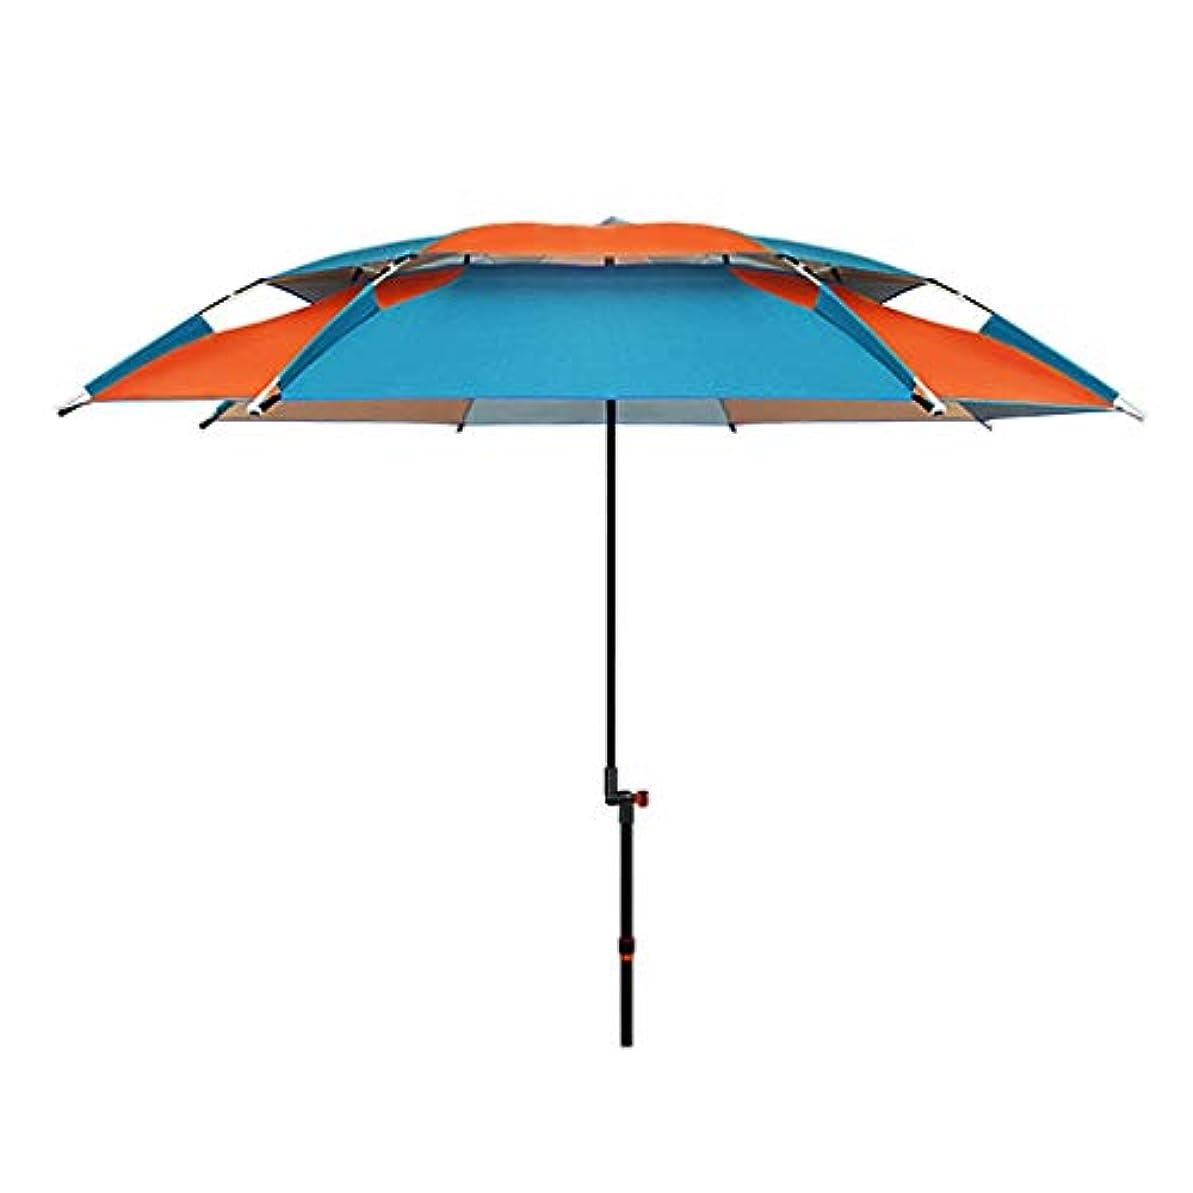 政治商人エンゲージメント日傘アルミ合金シルバーガム布日焼け止め雨折りたたみ傘屋外サンシェード傘 (サイズ さいず : H2.15m)